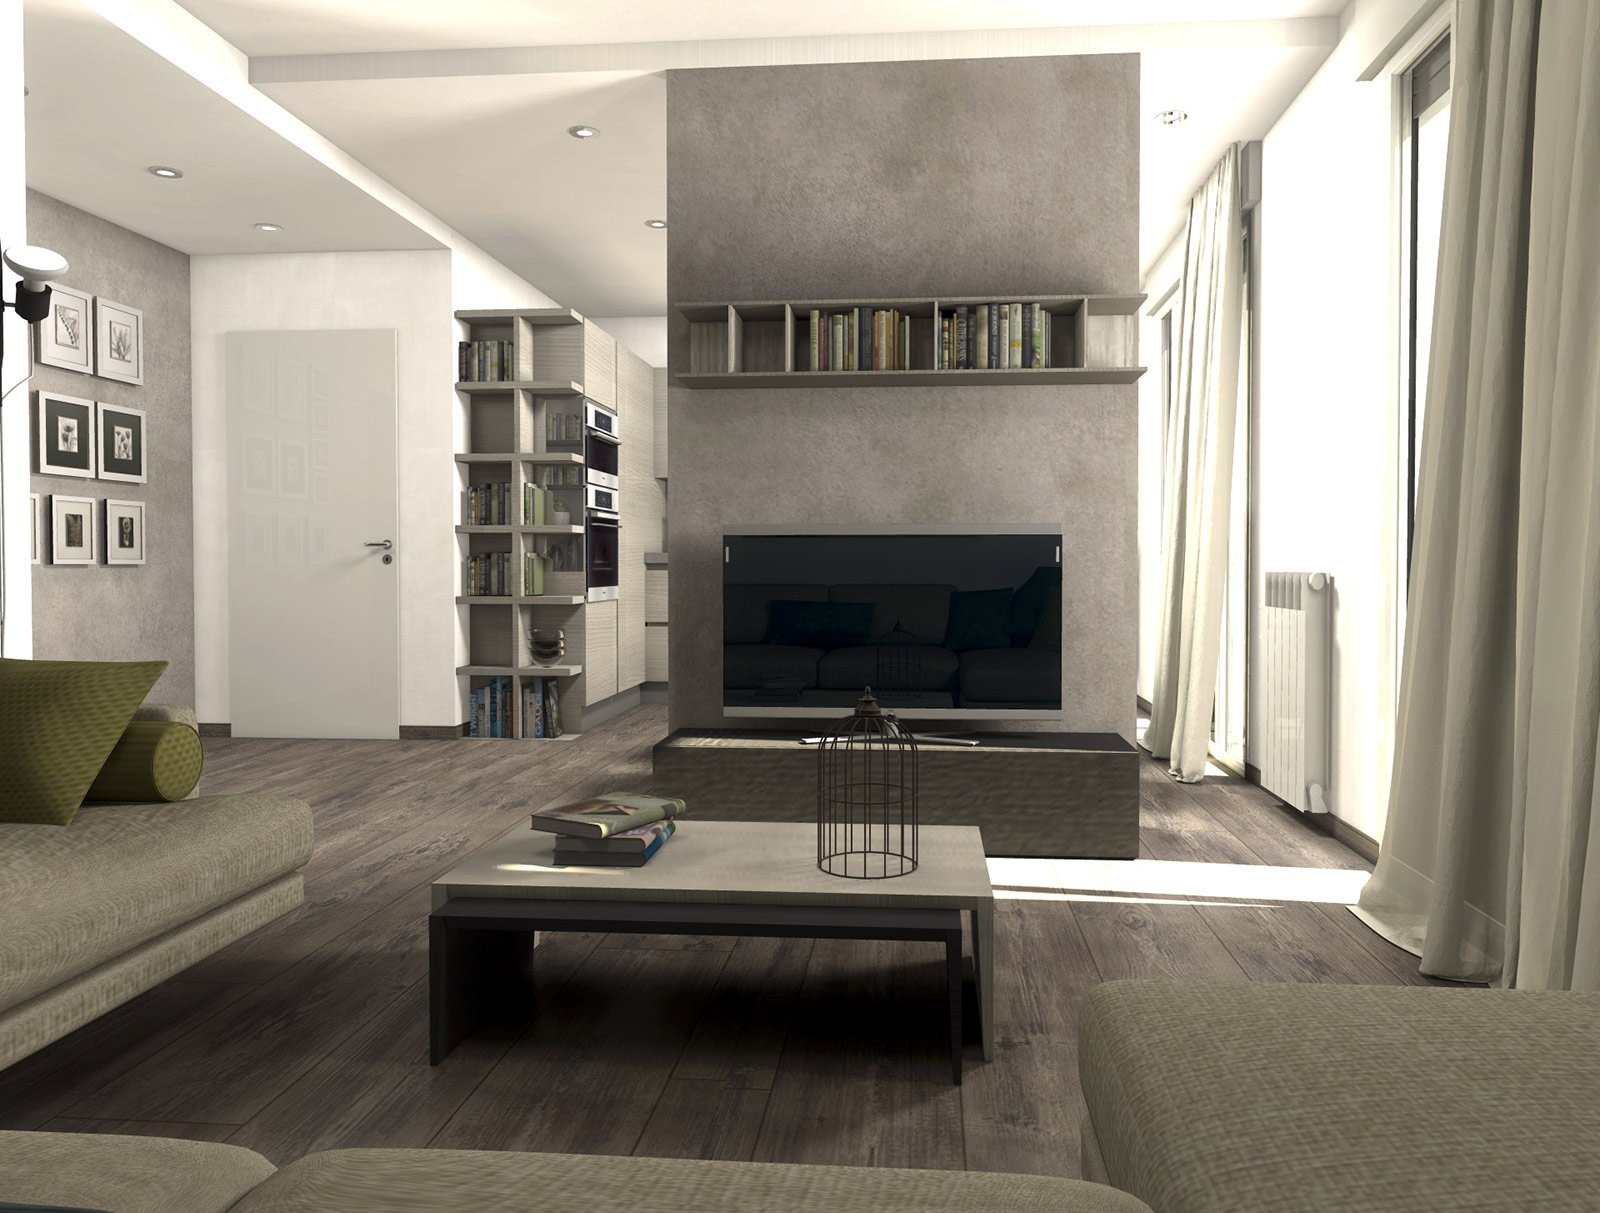 Da casa tradizionale ad abitazione moderna e attuale for Immagini salotto